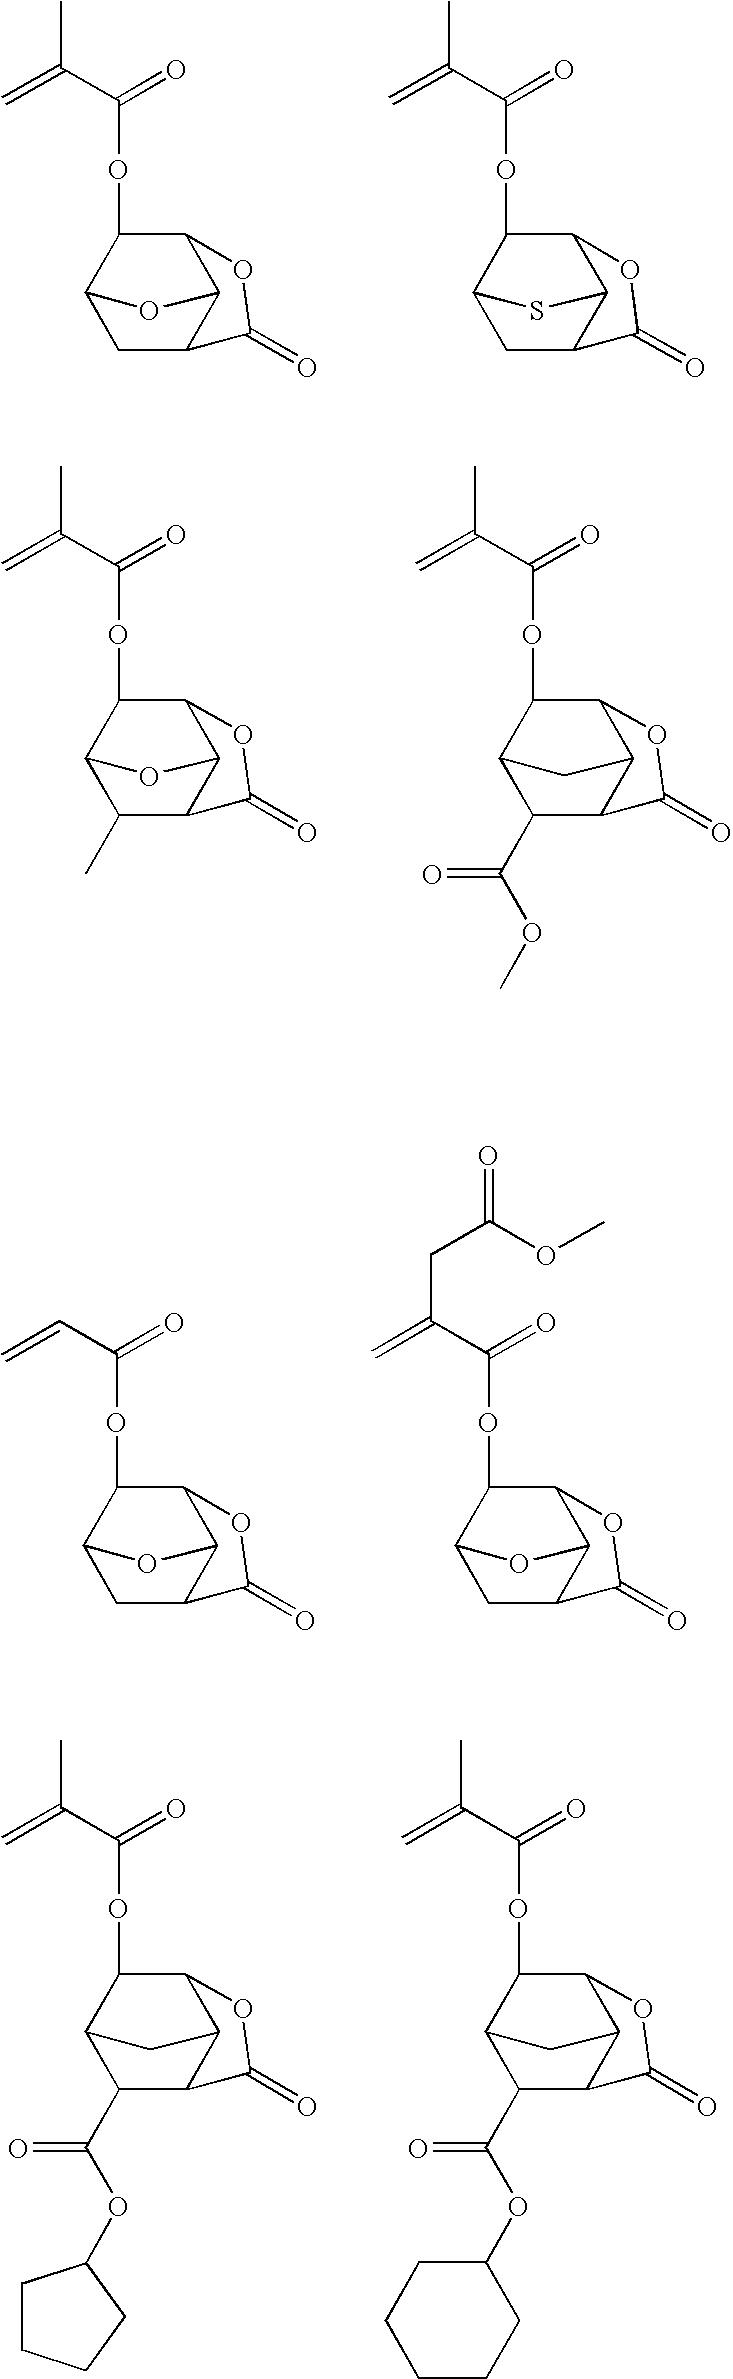 Figure US07368218-20080506-C00005